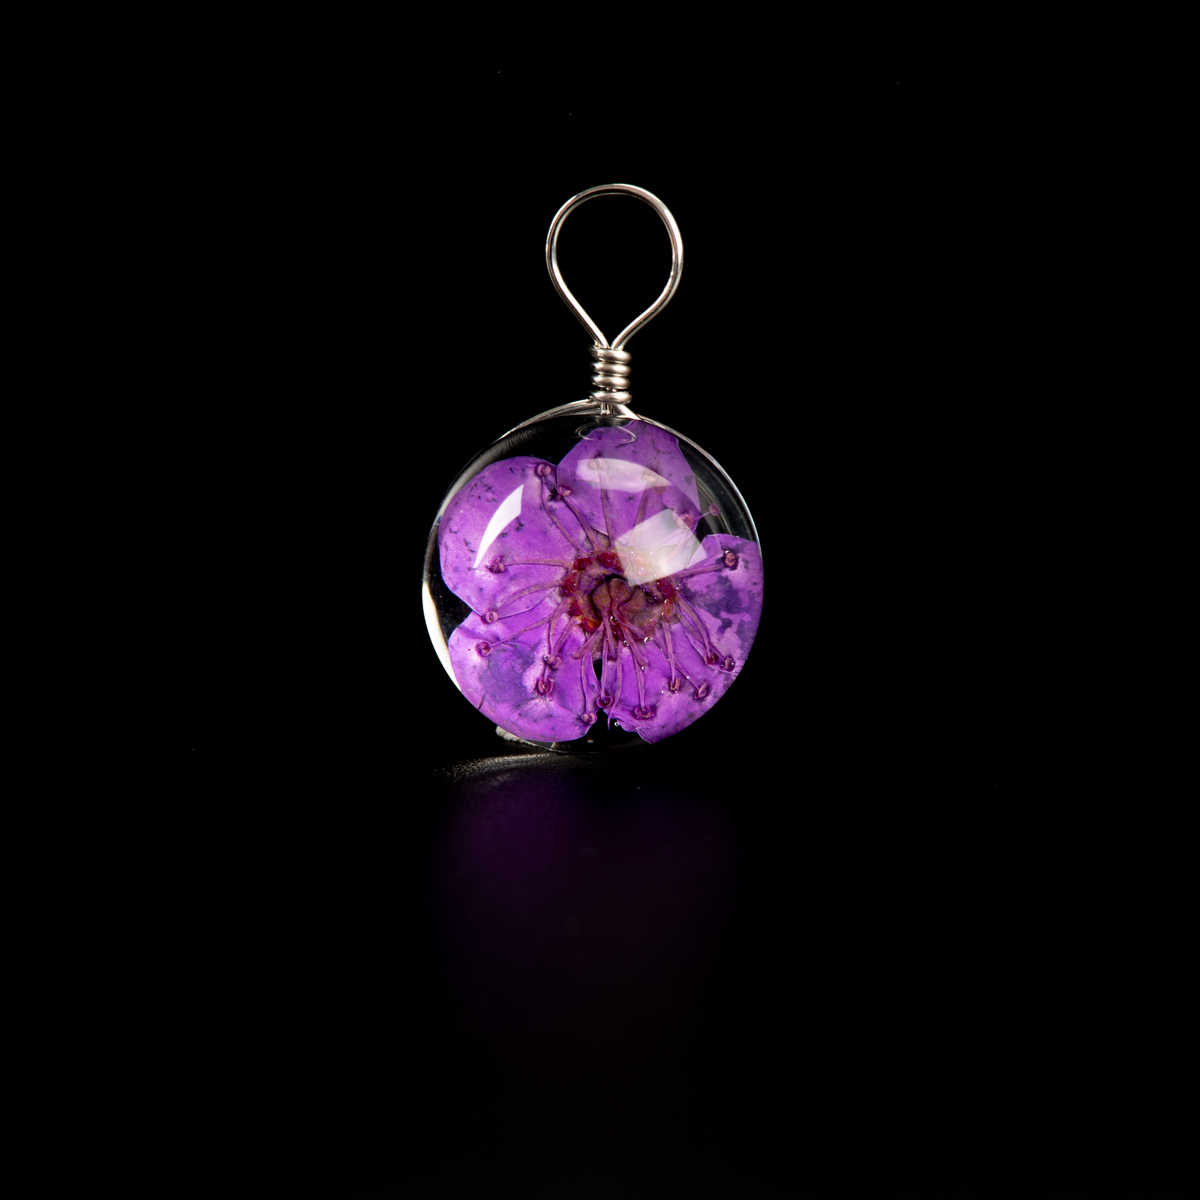 בעבודת יד פרח זכוכית חרוז תכשיטי לא טבעי אבן DIY עגילי צמיד קולר תכשיטי ביצוע חרוזים # IZ114